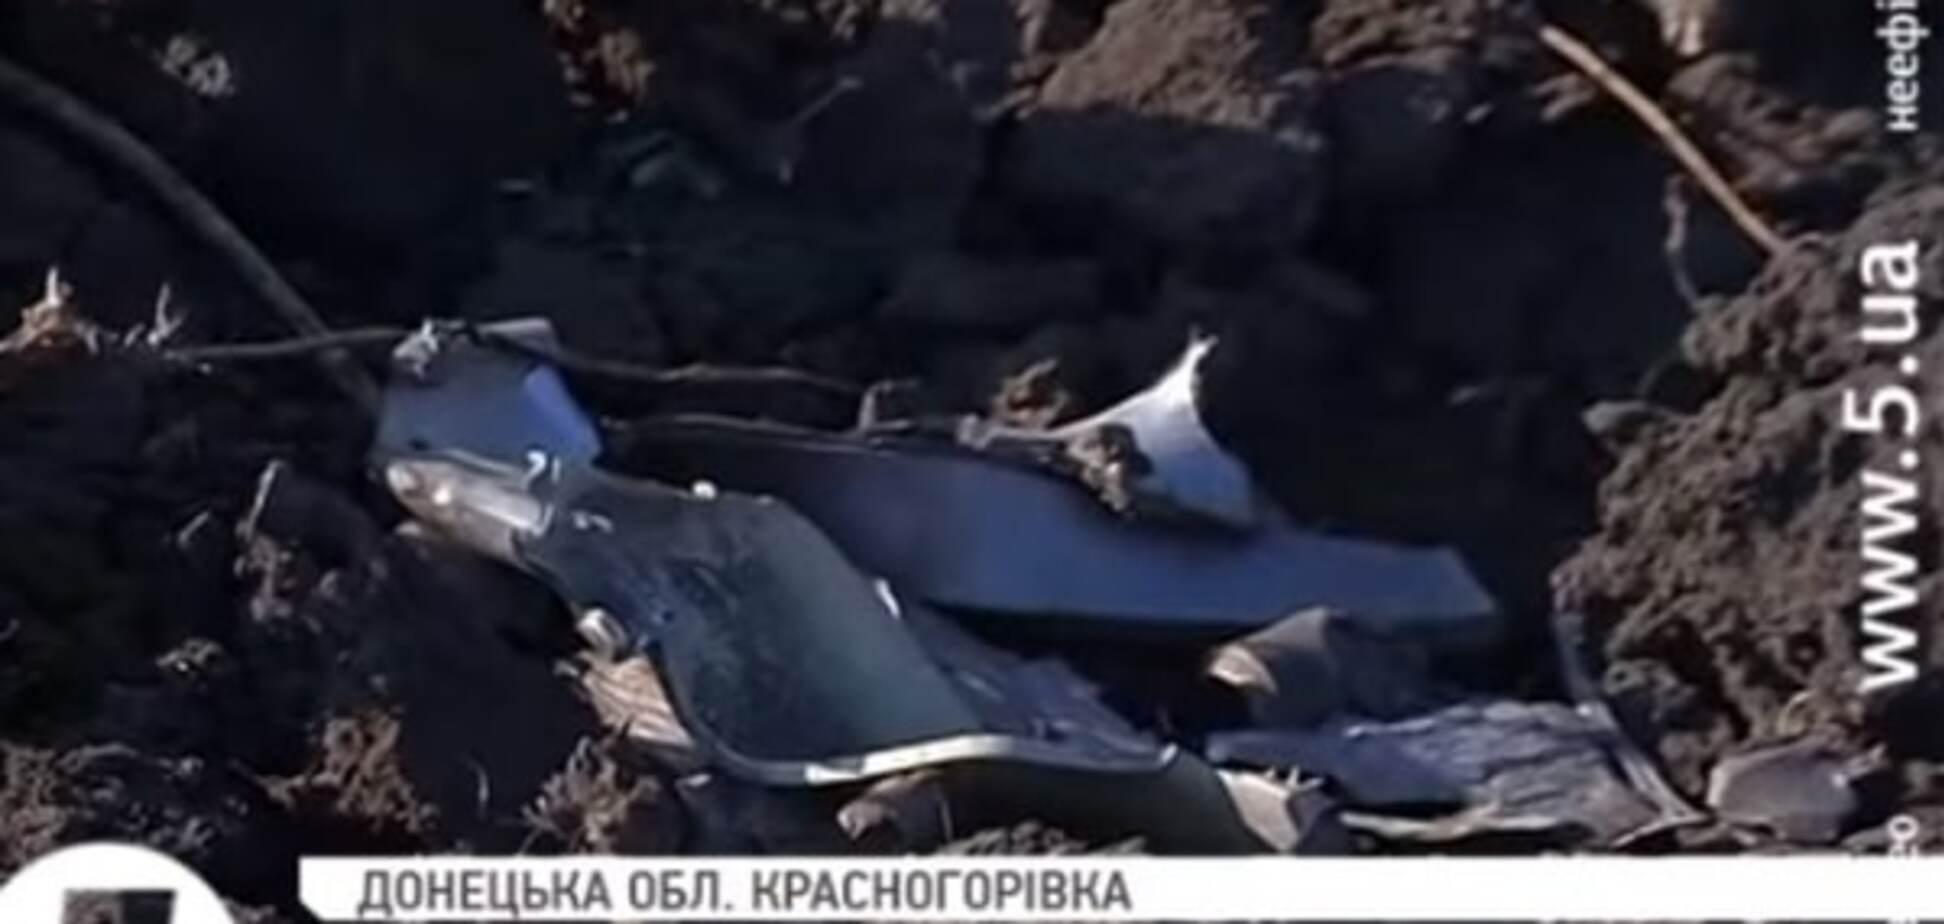 Терористи накрили Красногорівку 'Градами': опубліковано відео наслідків